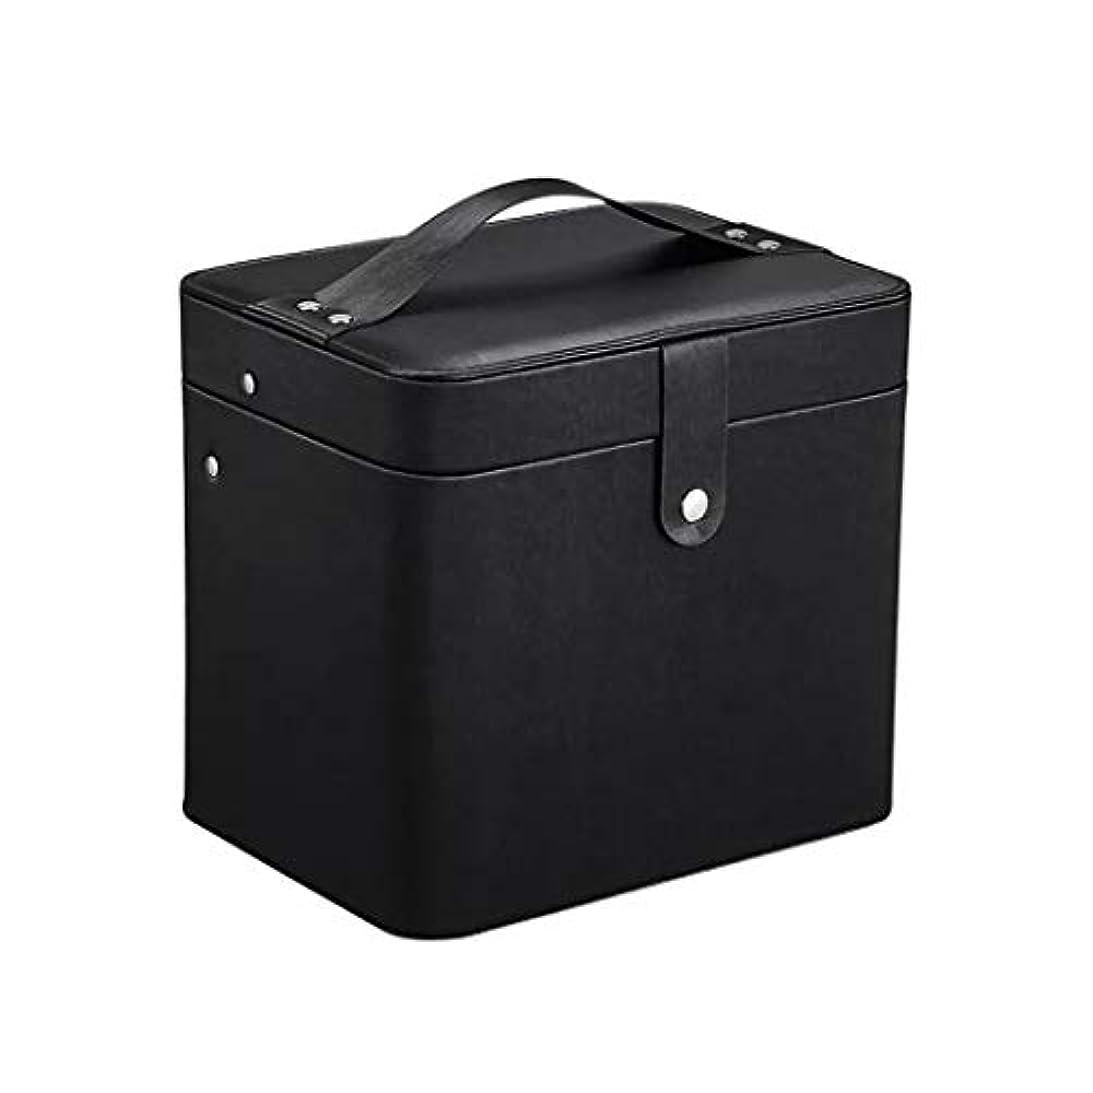 傷つきやすいではごきげんよう独立したSZTulip コスメボックス メイクボックス 大容量収納ケース メイクブラシ化粧道具 小物入れ 鏡付き 化粧品収納ボックス (ブラック)